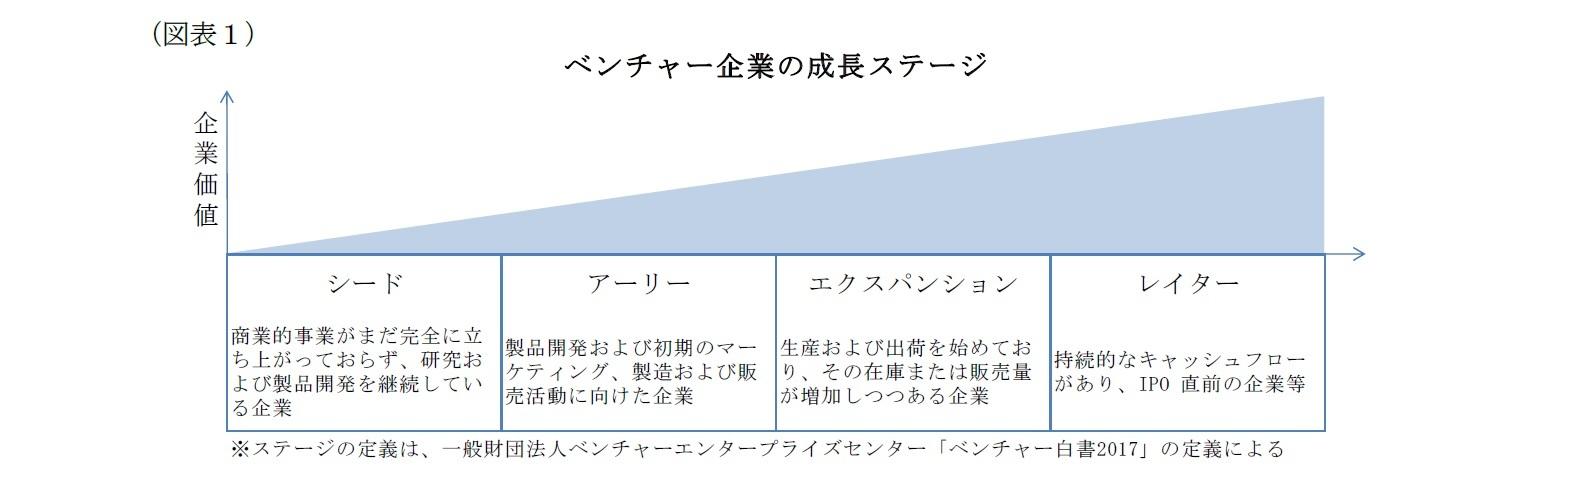 (図表1)ベンチャー企業の成長ステージ